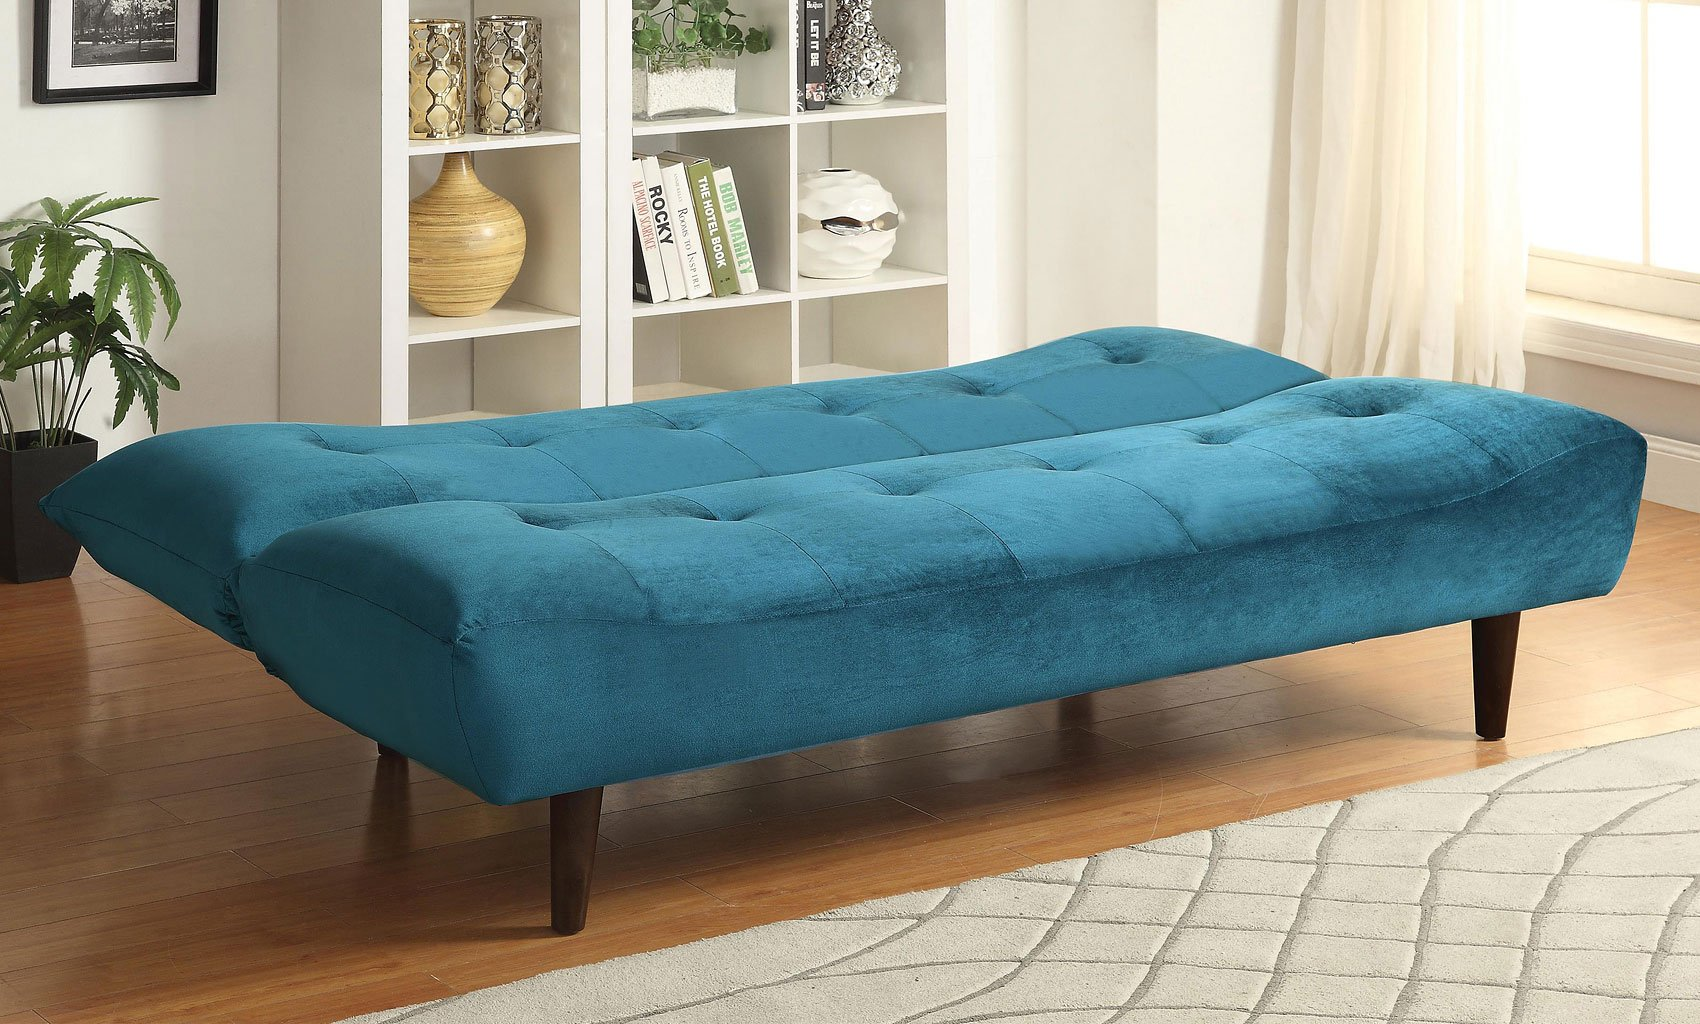 Teal Velvet Sofa Bed by Coaster Furniture   FurniturePick